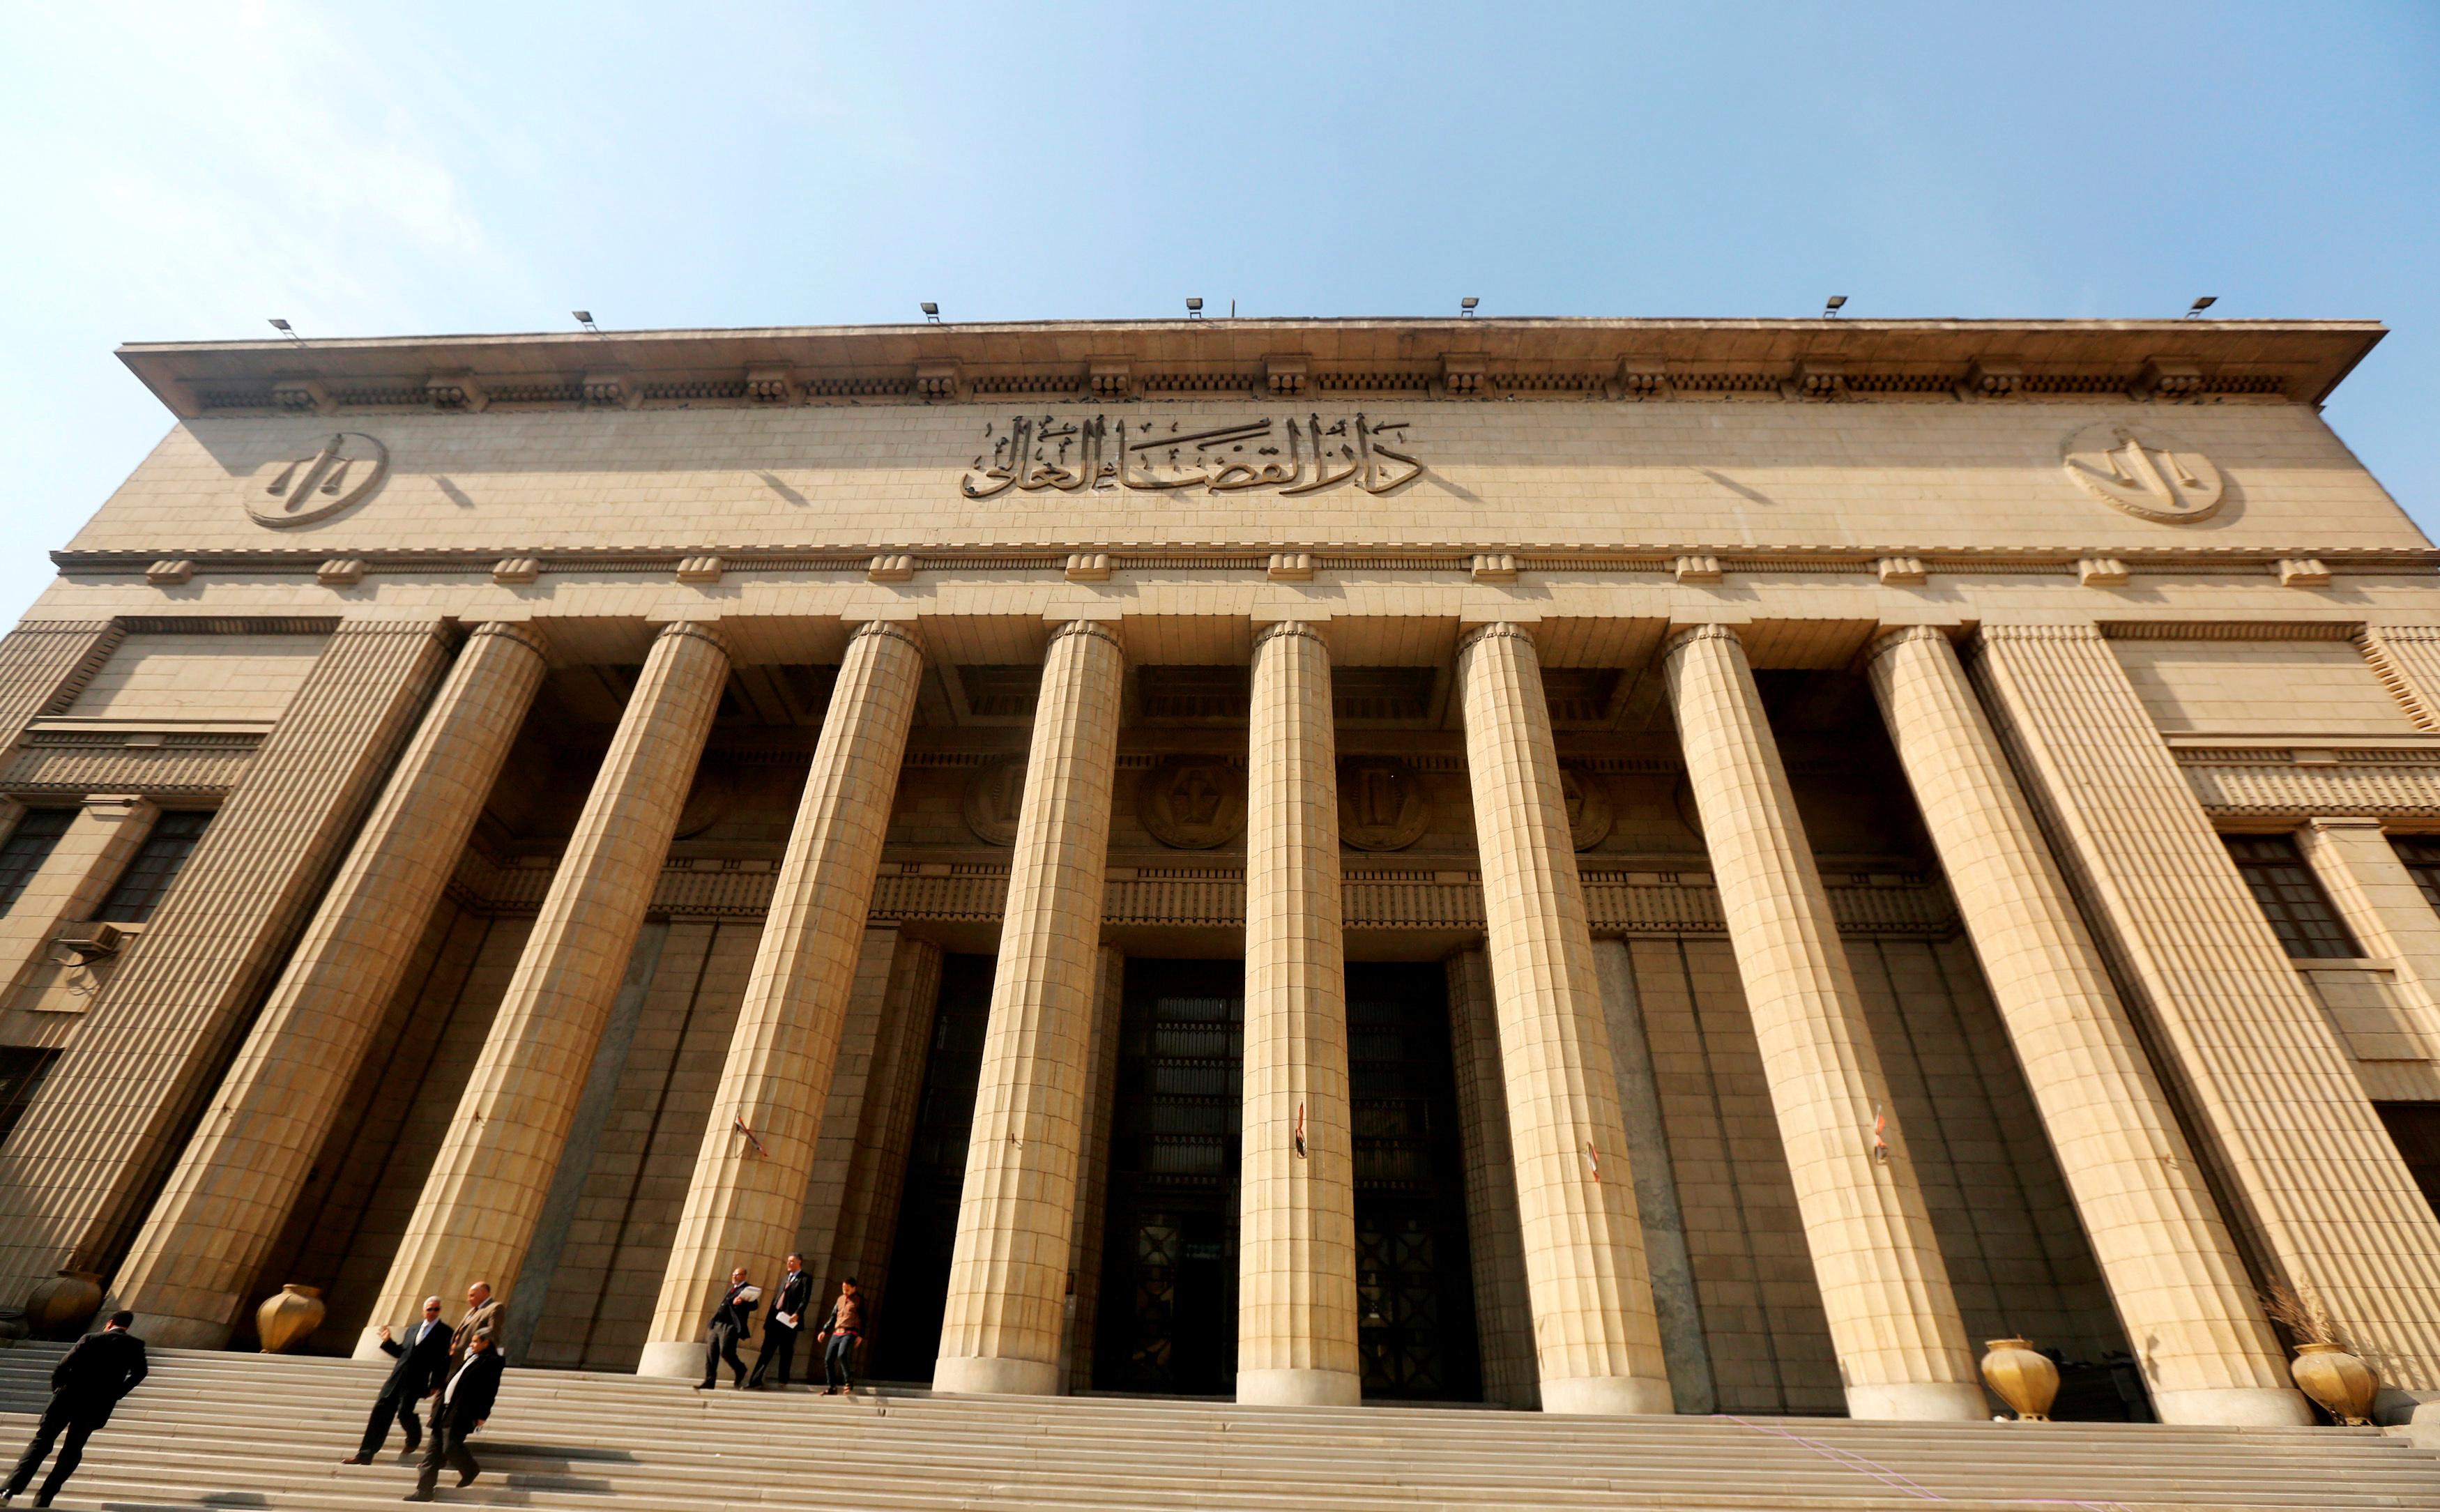 2016-10-18T120000Z_529543165_D1BEUHQTAPAA_RTRMADP_3_EGYPT-JUDGES